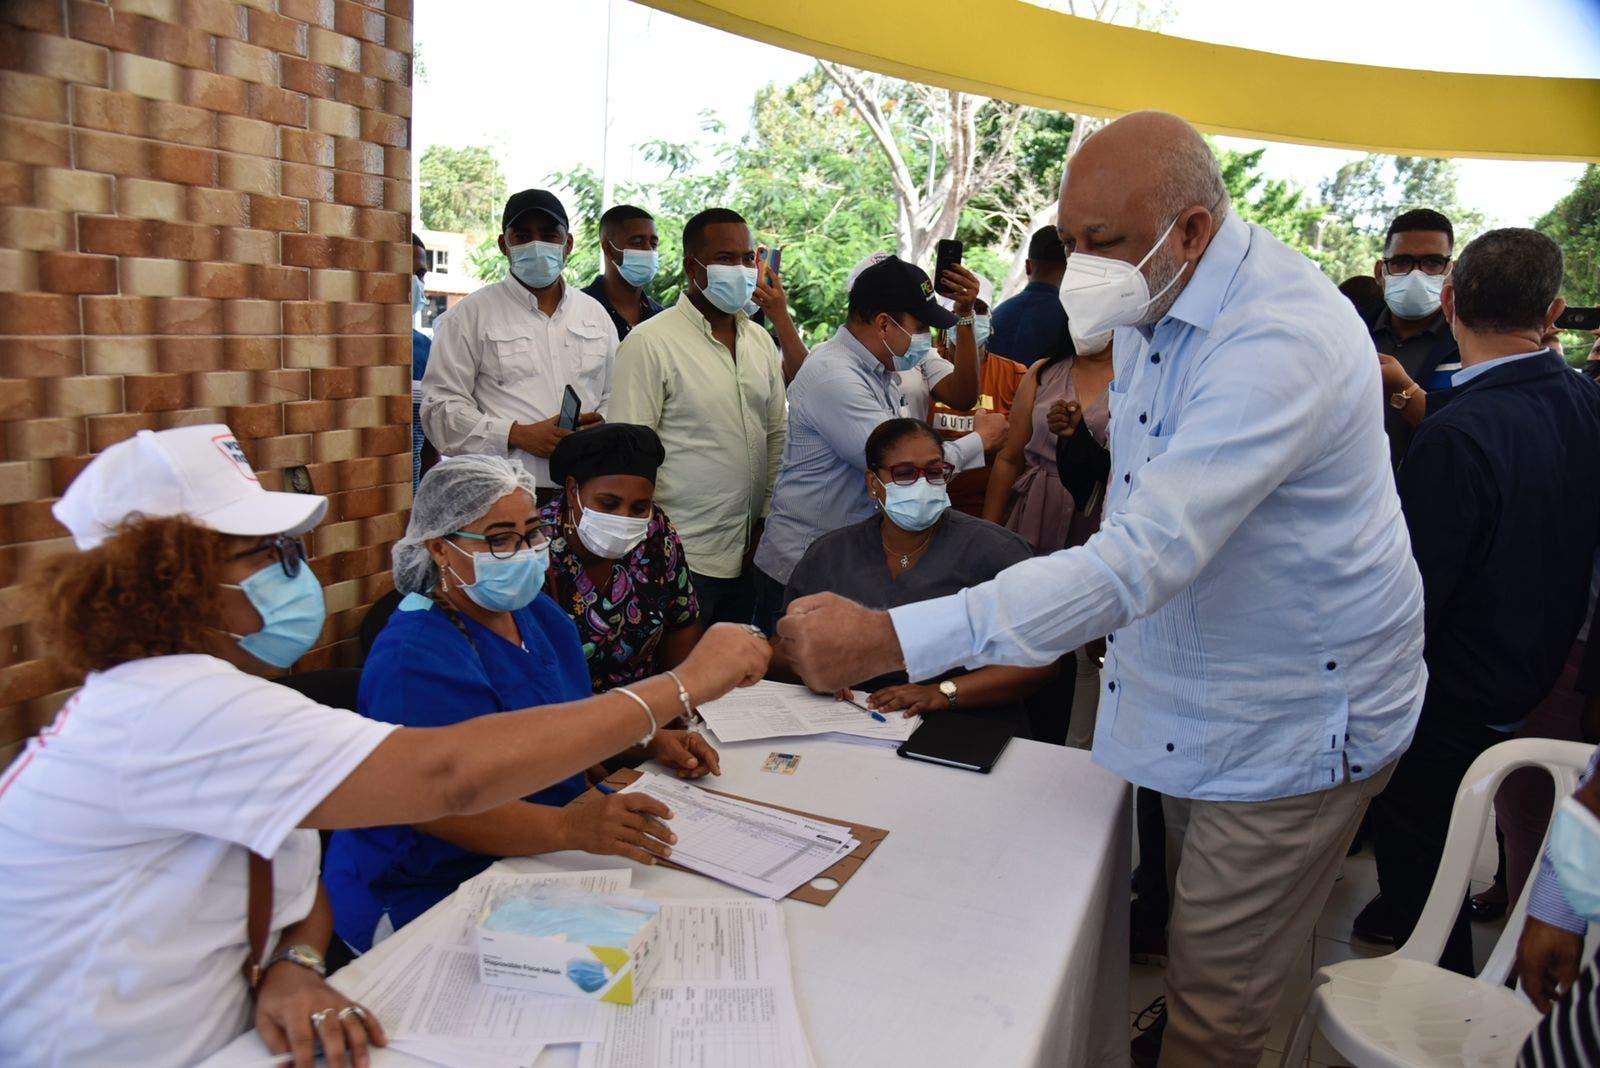 Fulcar asegura con masiva vacunación se reactiva la productividad y el empleo